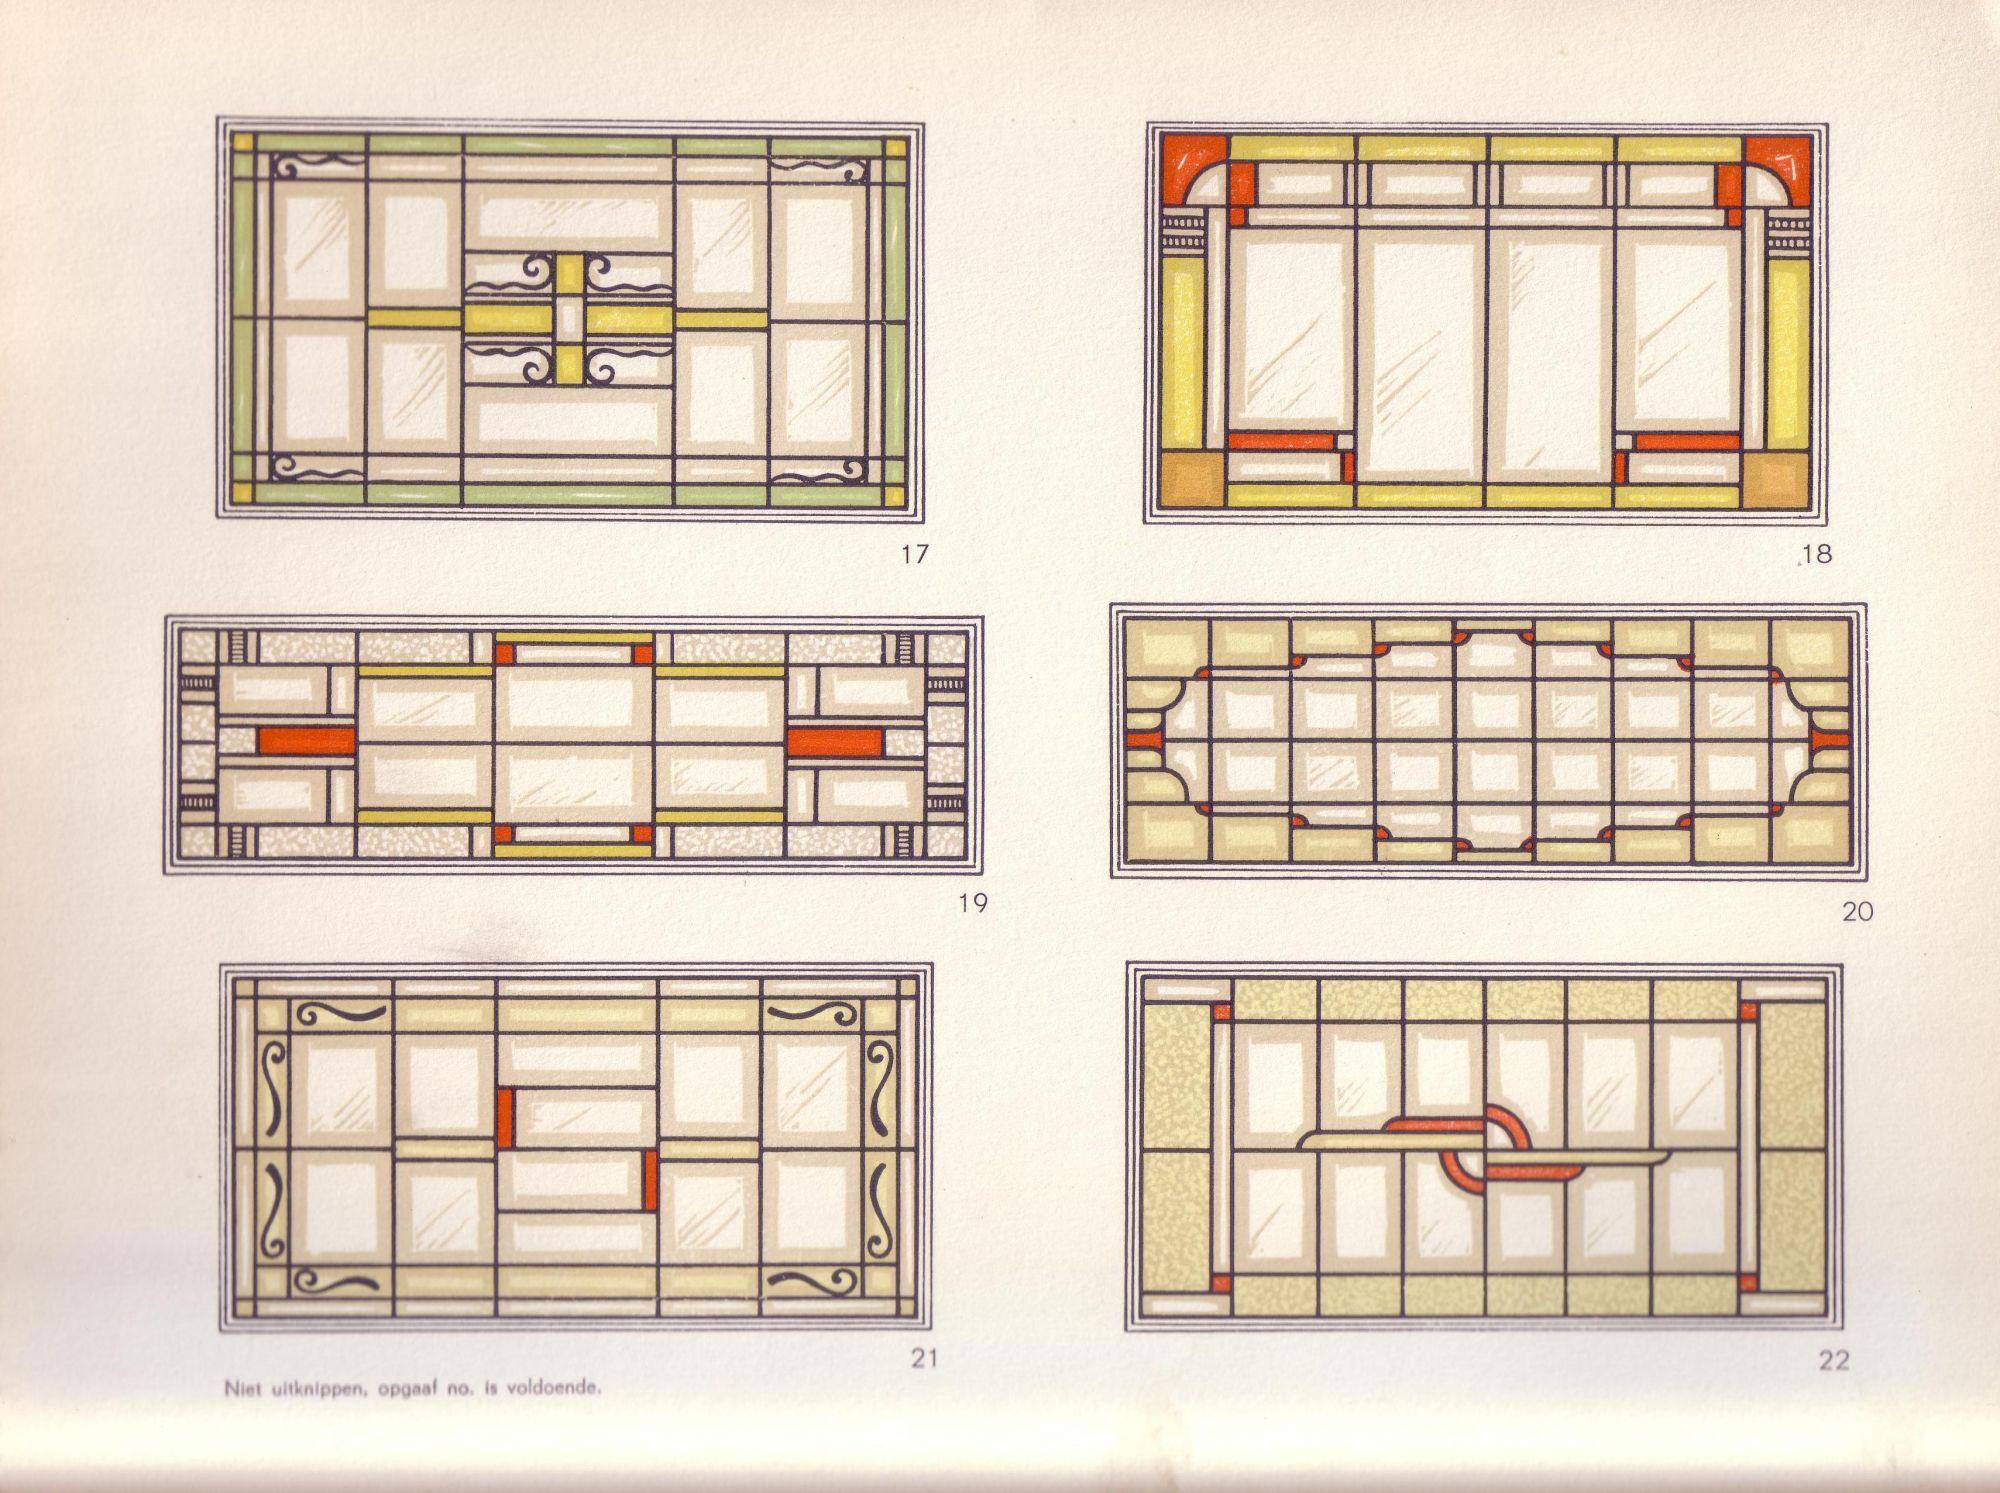 Uitgelezene glas in lood jaren 30 - Google Search   Glas in lood, Deur glas in LS-38